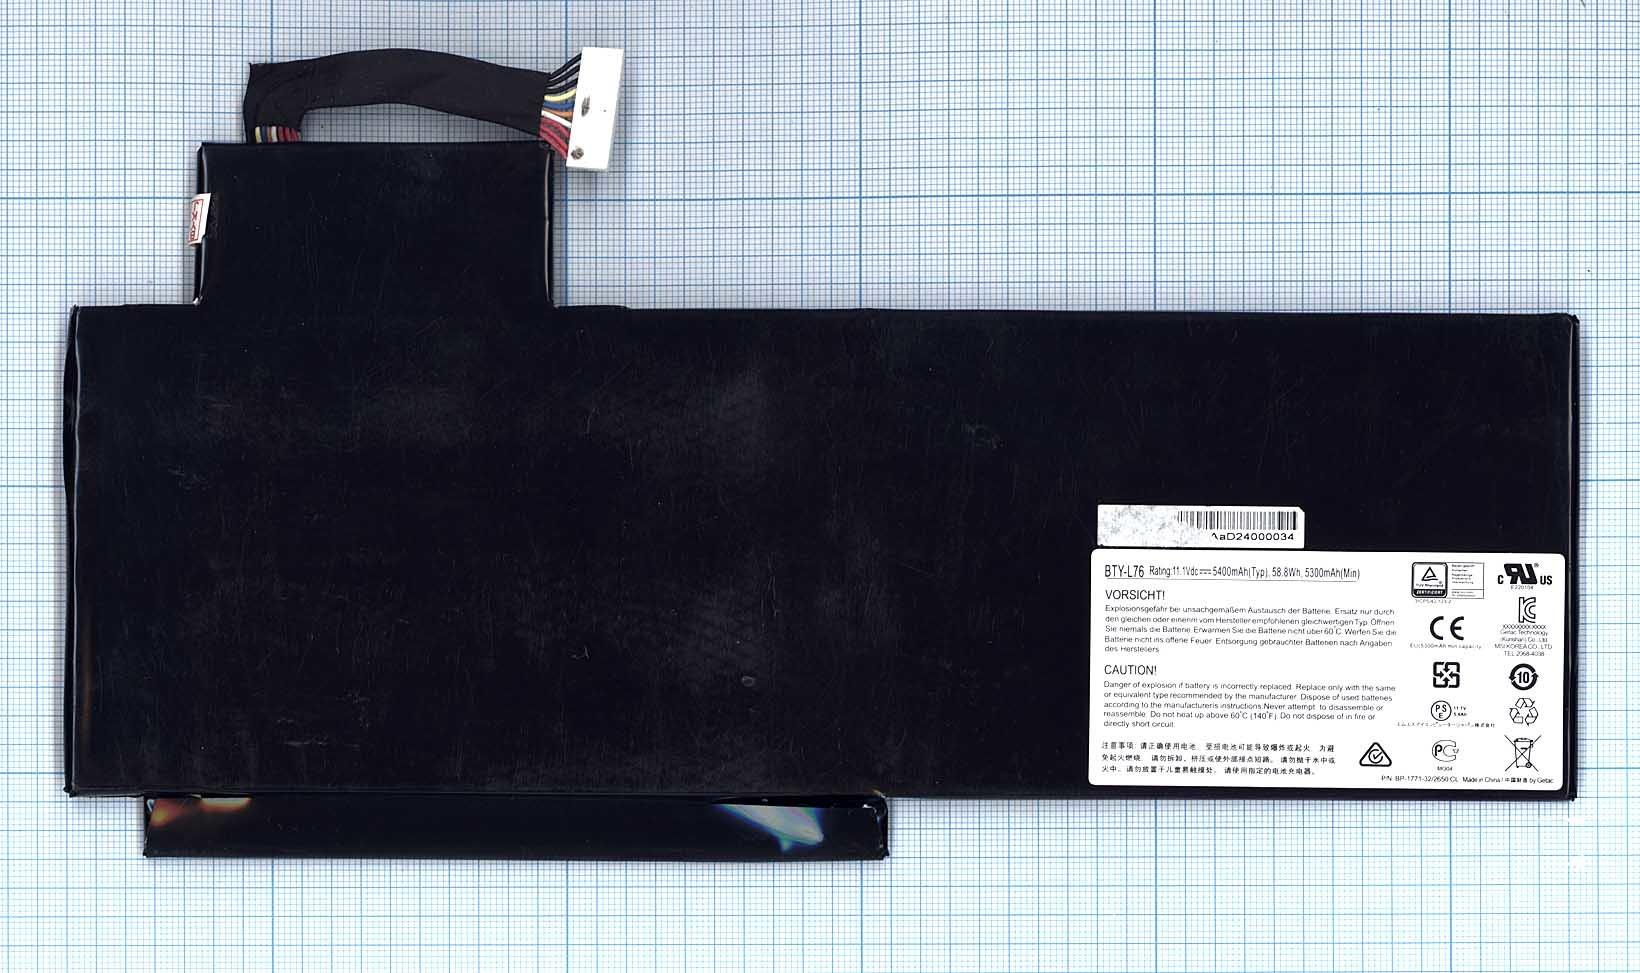 Аккумуляторная батарея (аккумулятор) BTY-L76 MS-1771 для ноутбука MSI GS70 11.1V 58.8Wh